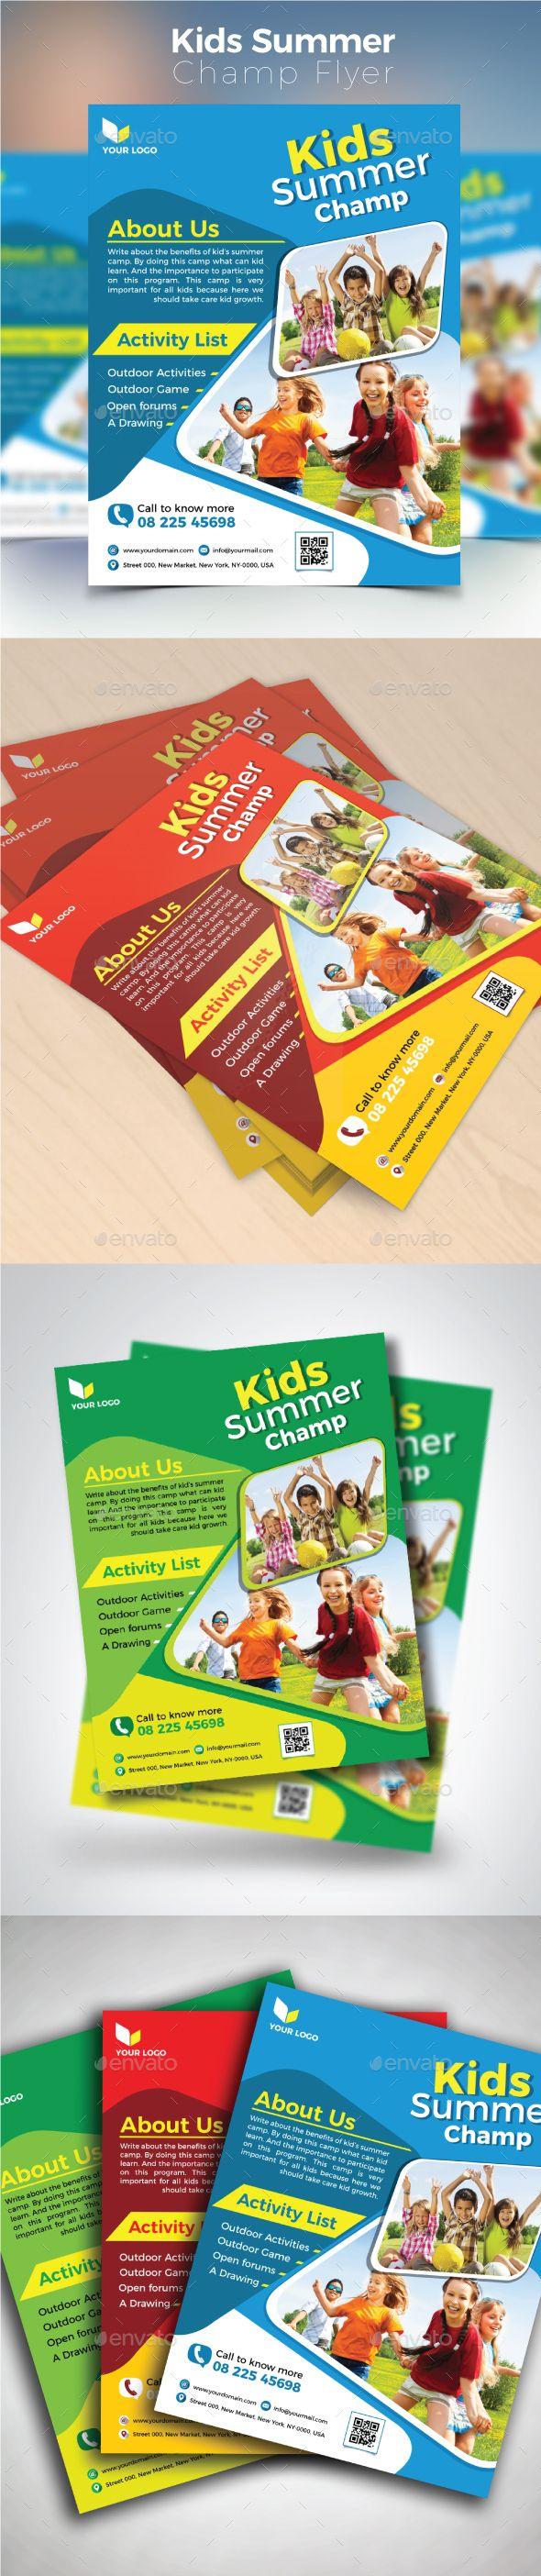 Kids Summer Champ Flyer Template Vector EPS, AI Illustrator